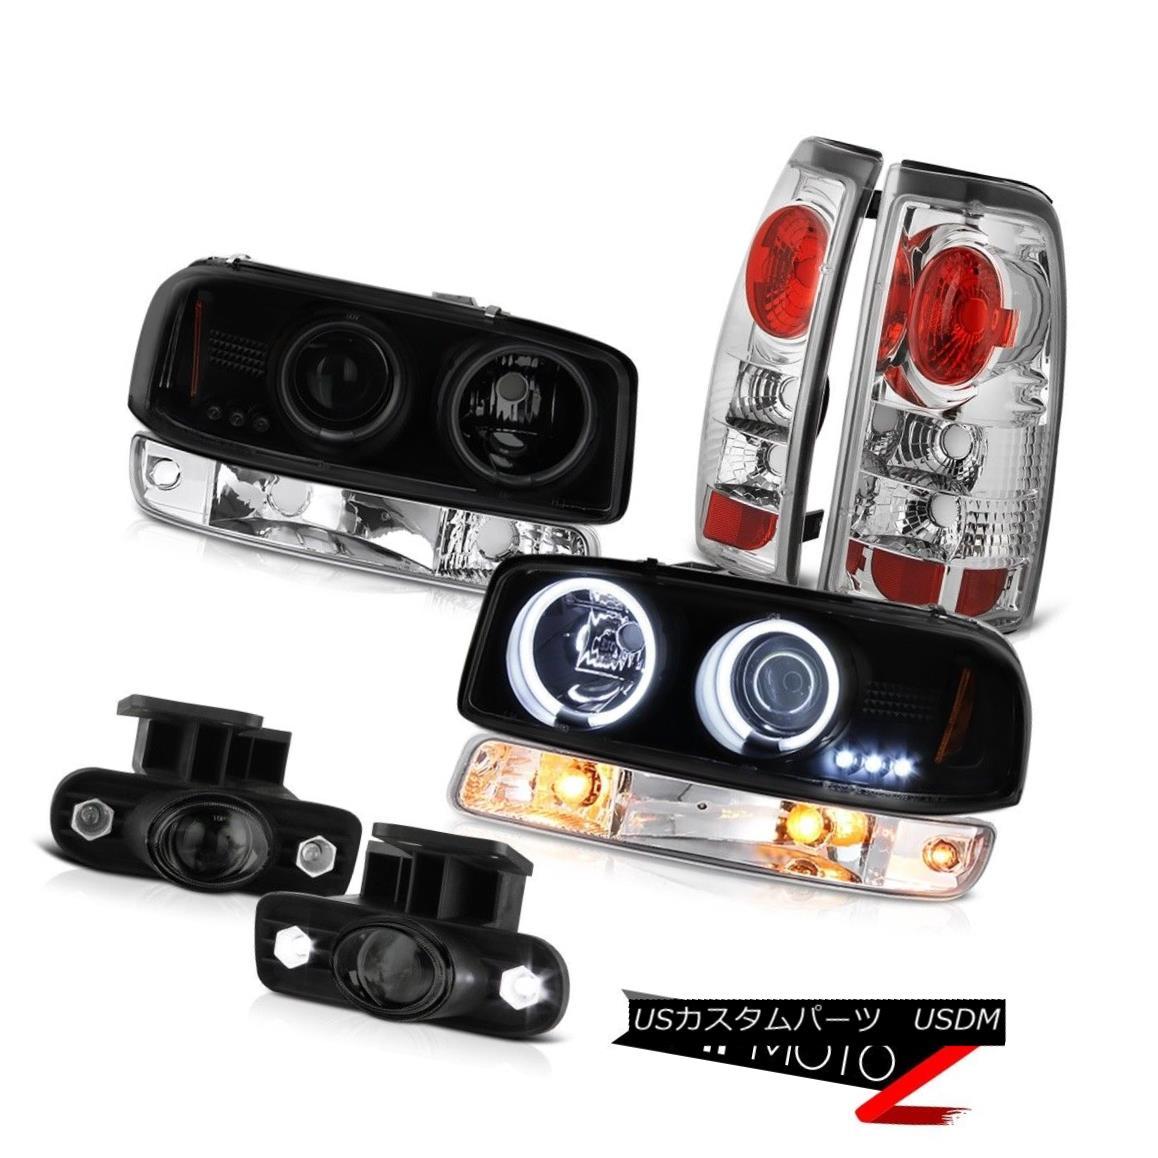 テールライト 99-02 Sierra WT Fog lamps taillights bumper light smoke tinted ccfl headlights 99-02シエラWTフォグランプテールライトバンパーライト煙がかったccflヘッドライト